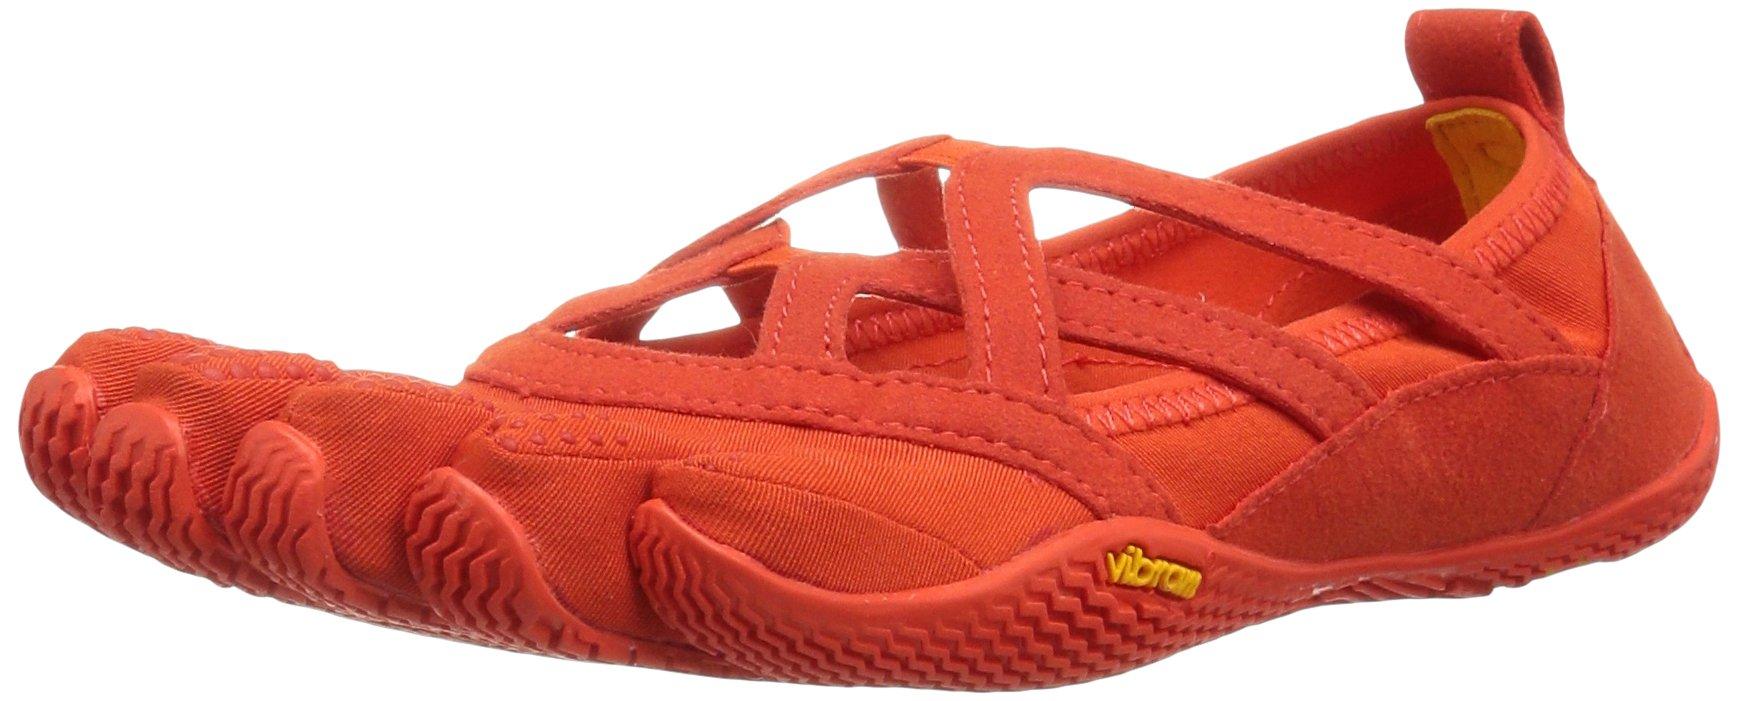 Alitza Femmeburnt Eu Vibram Orange36 LoopSneakers Fivefingers 80ZPNnkXwO